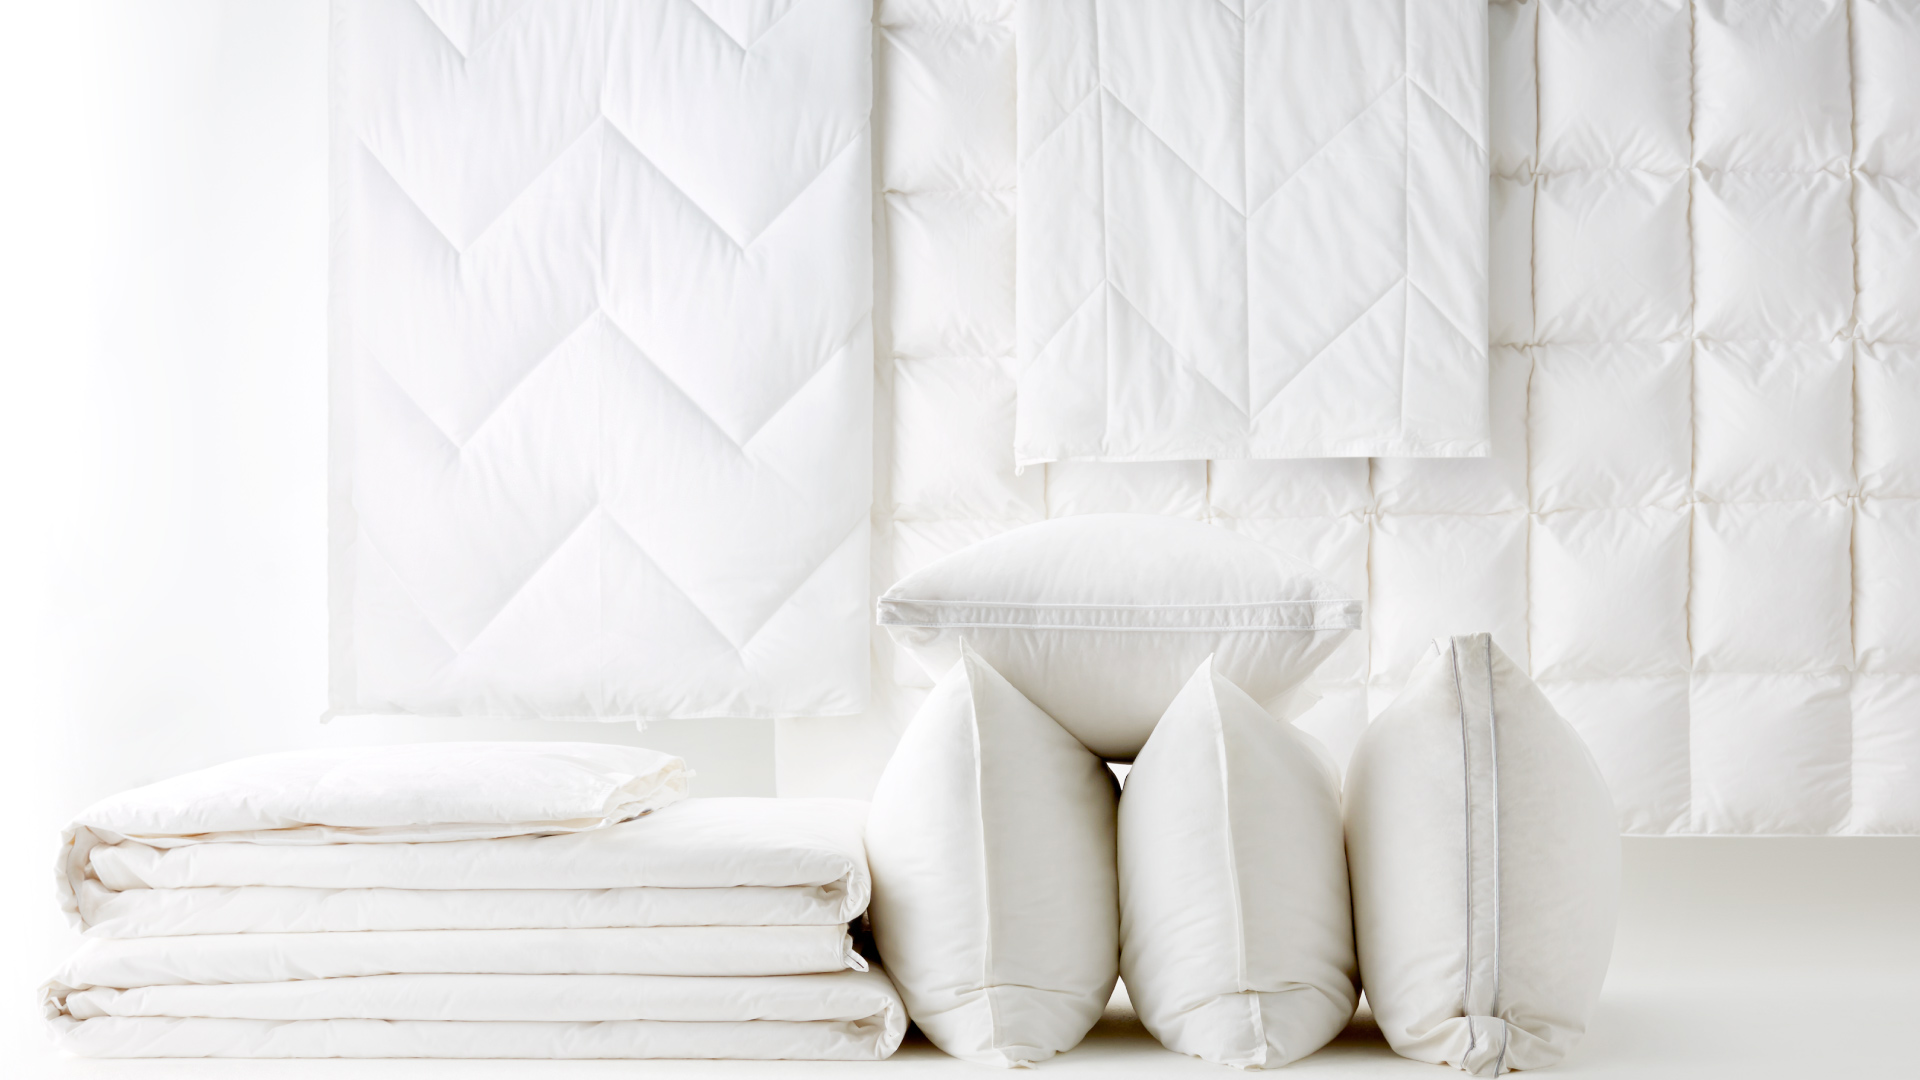 标准尺寸设计,可以和有眠家族其他芯类产品及四件套床品任意搭配使用。